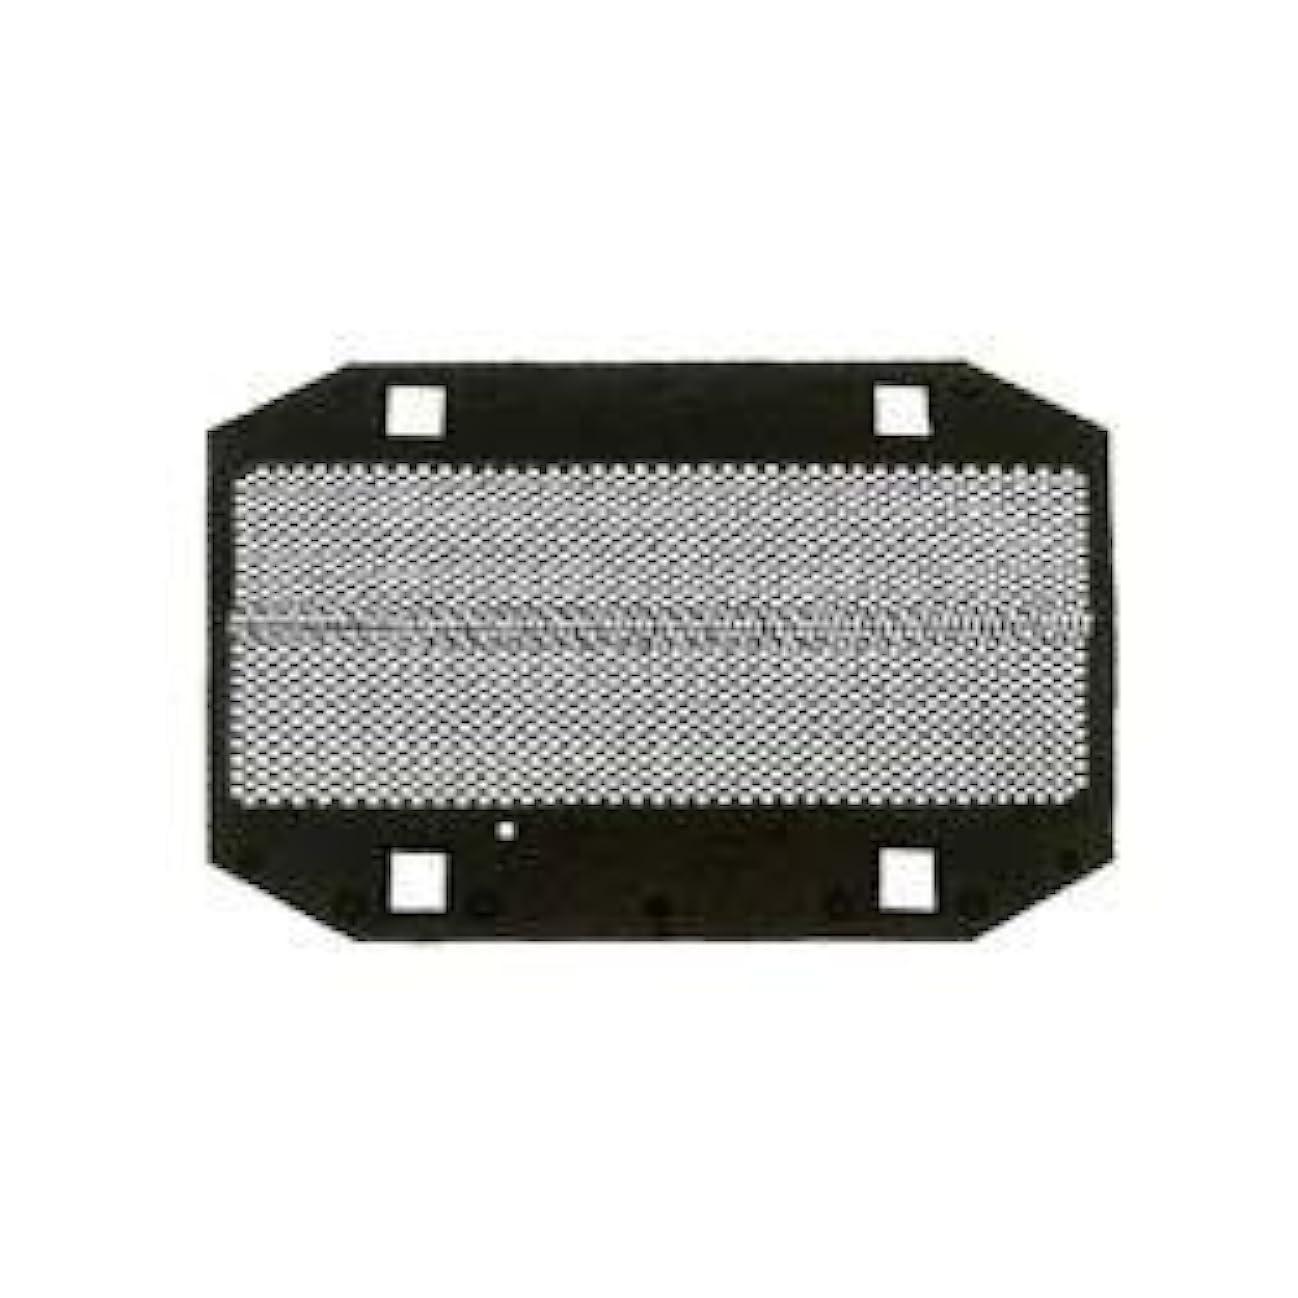 愛する分数影響を受けやすいですパナソニック 替刃 メンズシェーバー用 外刃 ES9981